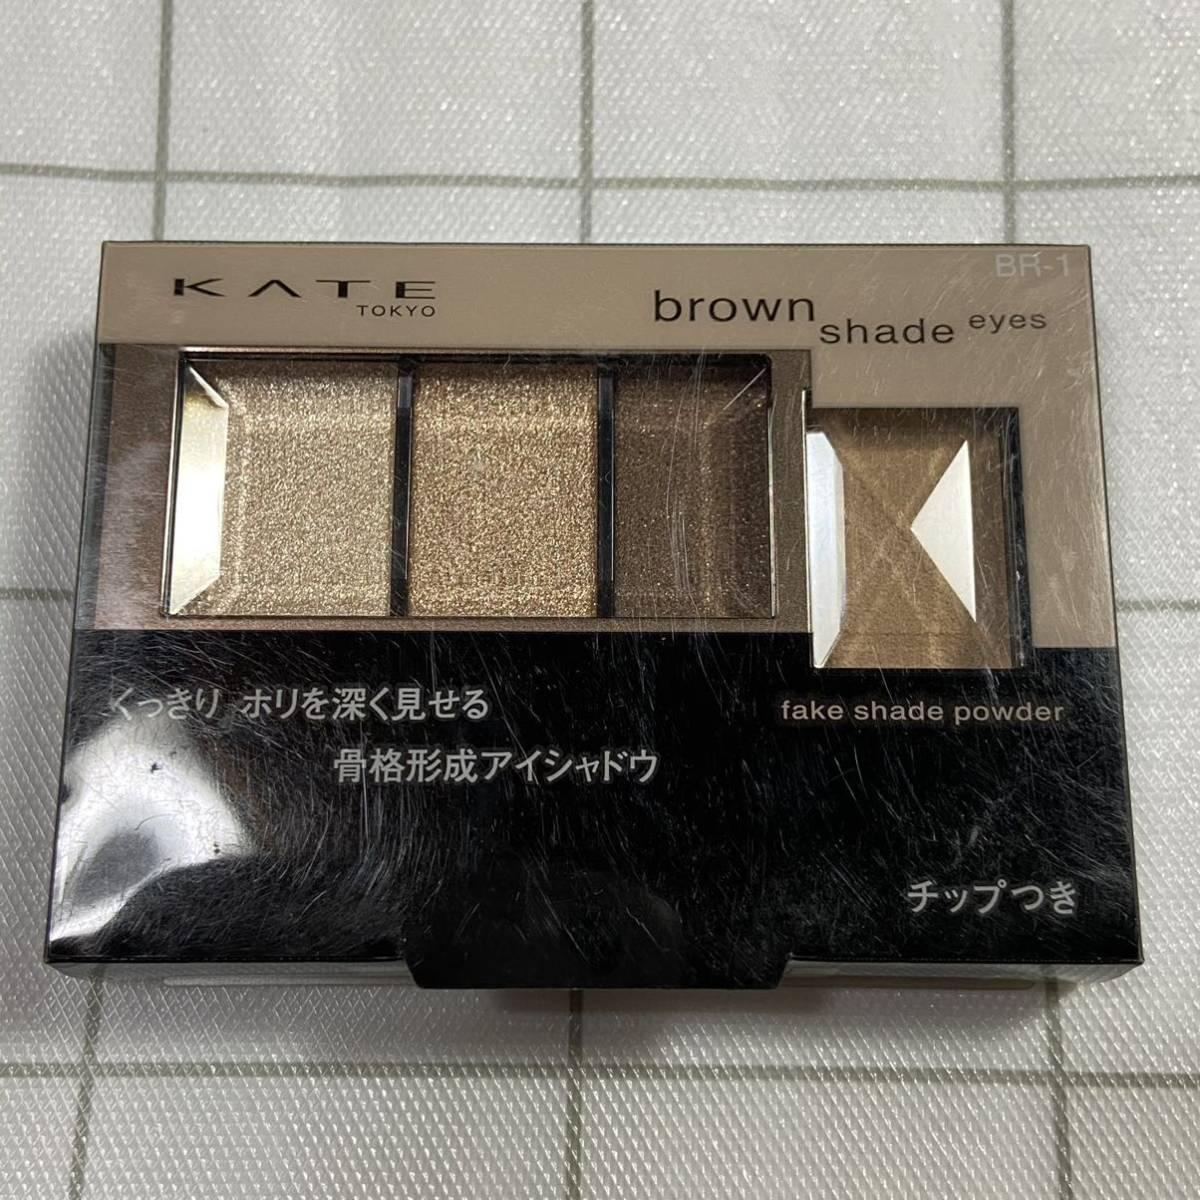 【新品・送料無料】ケイト ブラウンシェードアイズ BR-1アイシャドウ